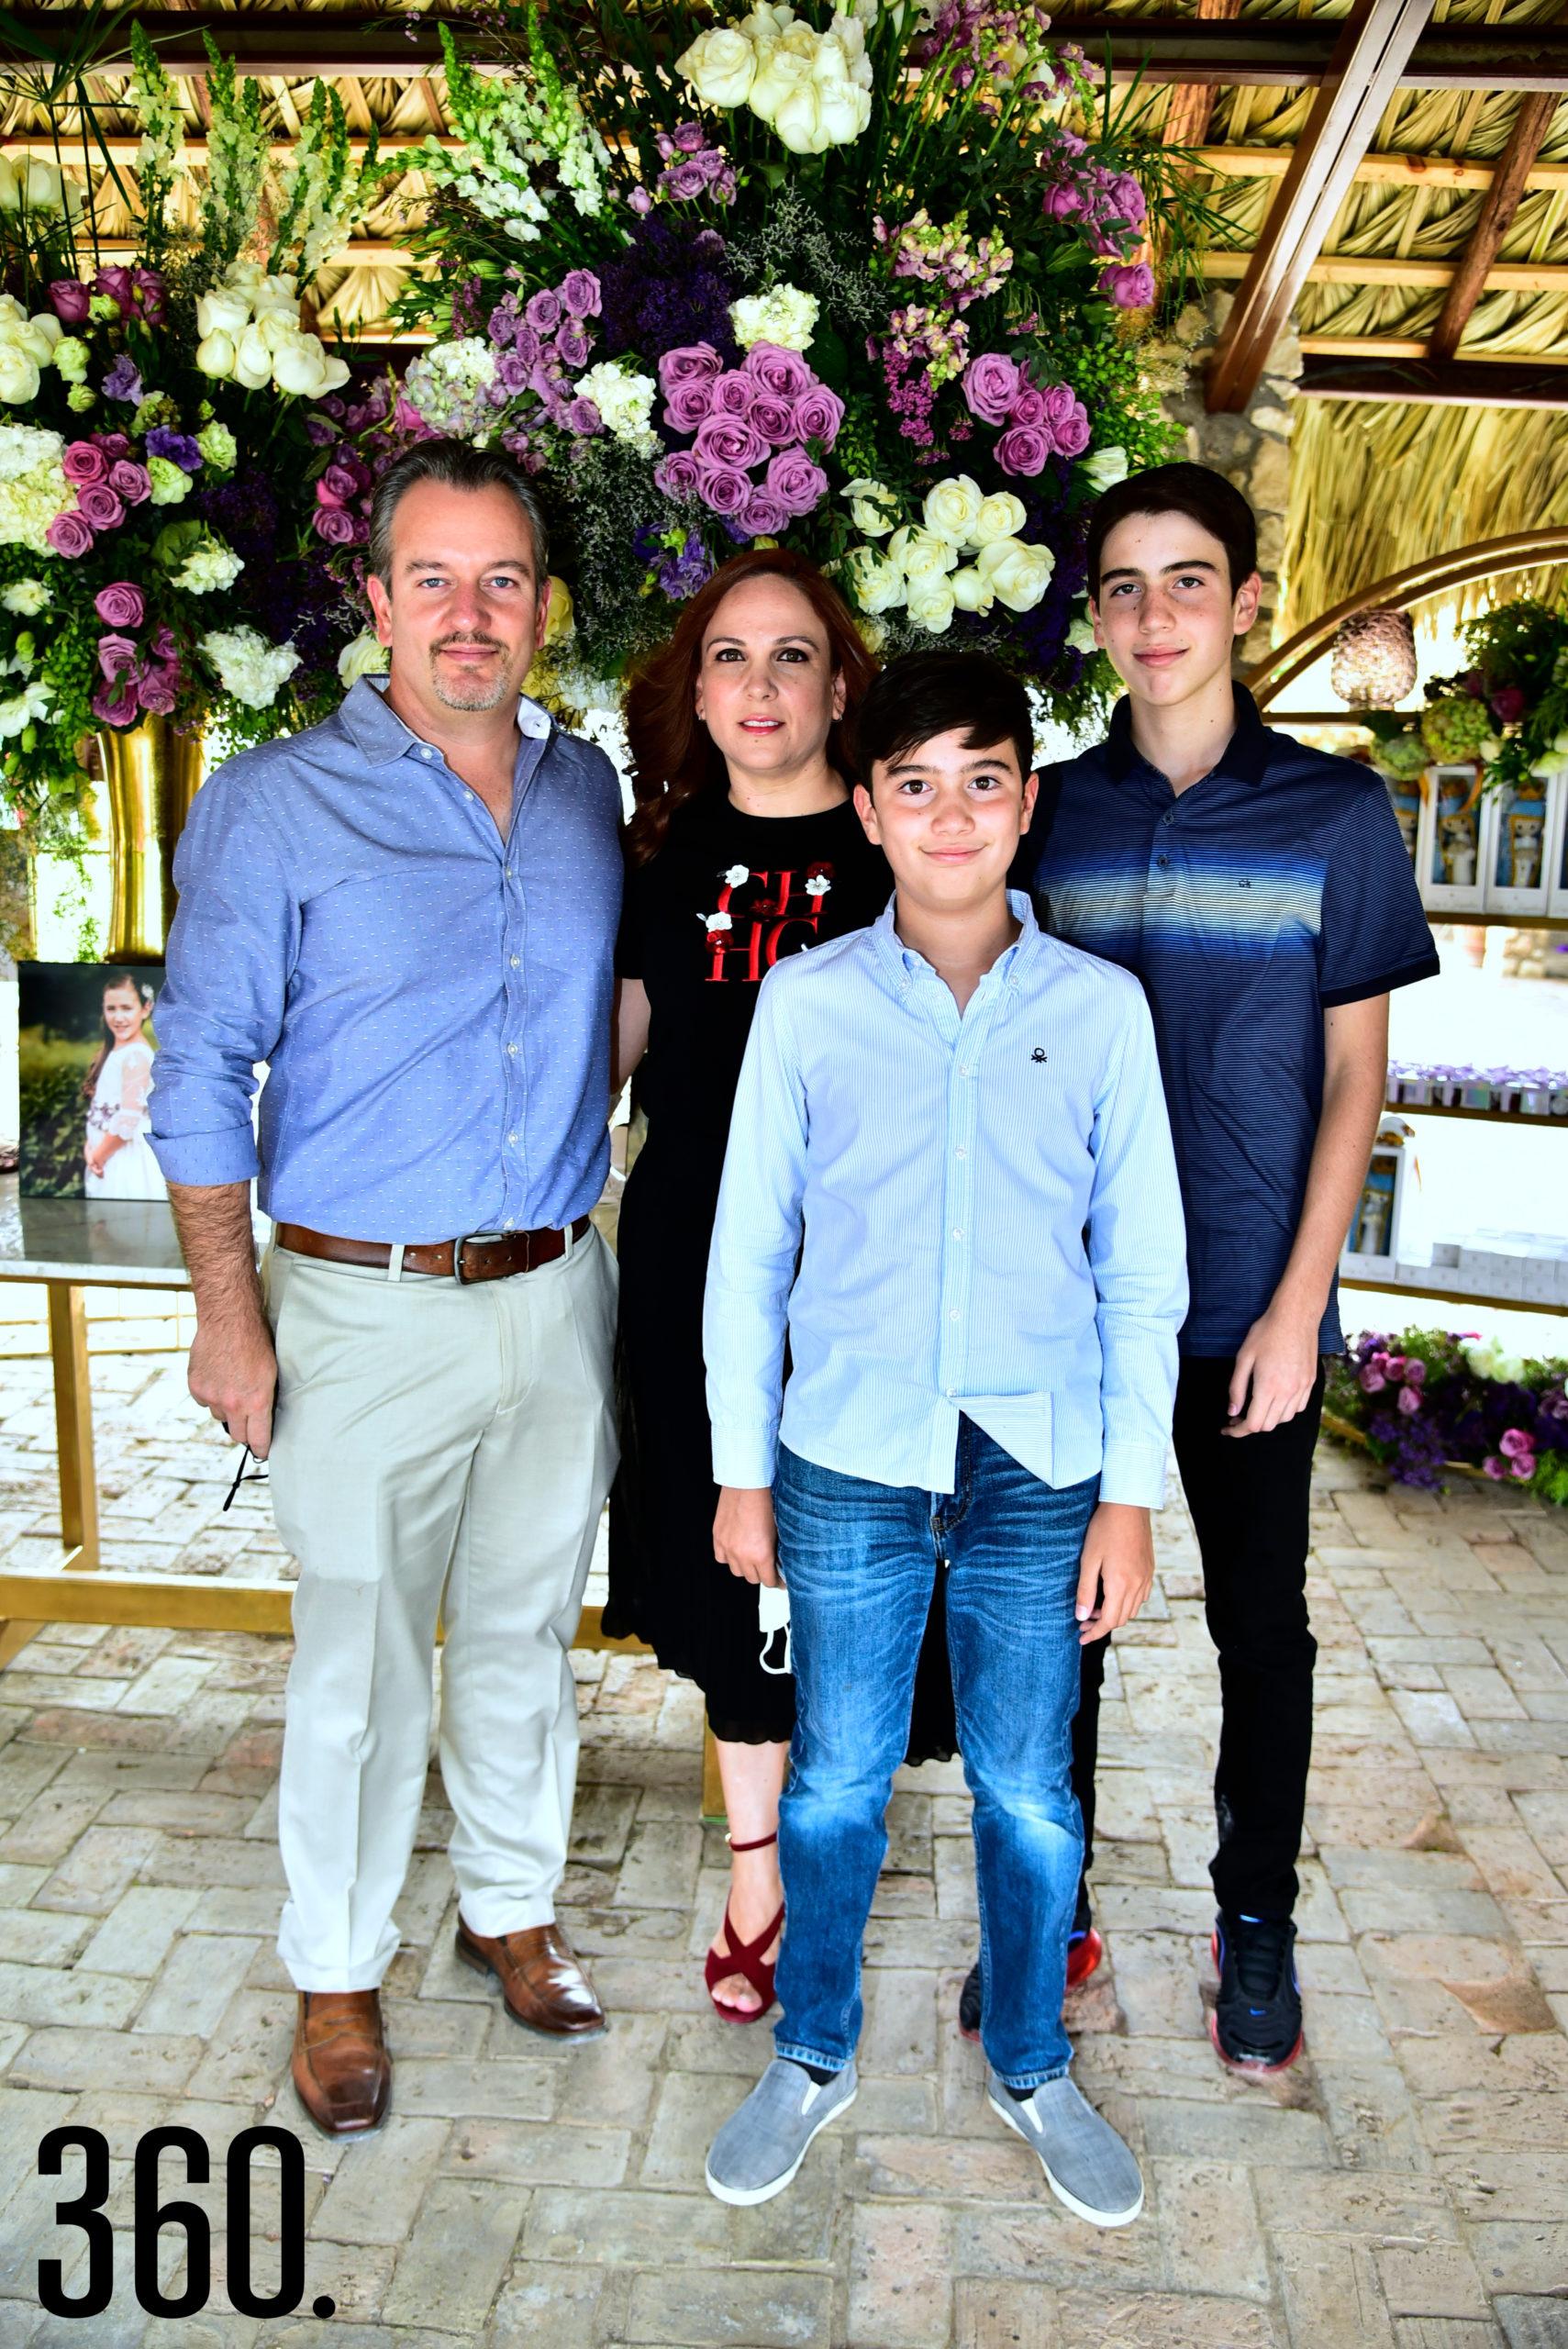 Edmundo Gómez, Eva Martínez, Edmundo Gómez Martínez y Andrés Gómez.